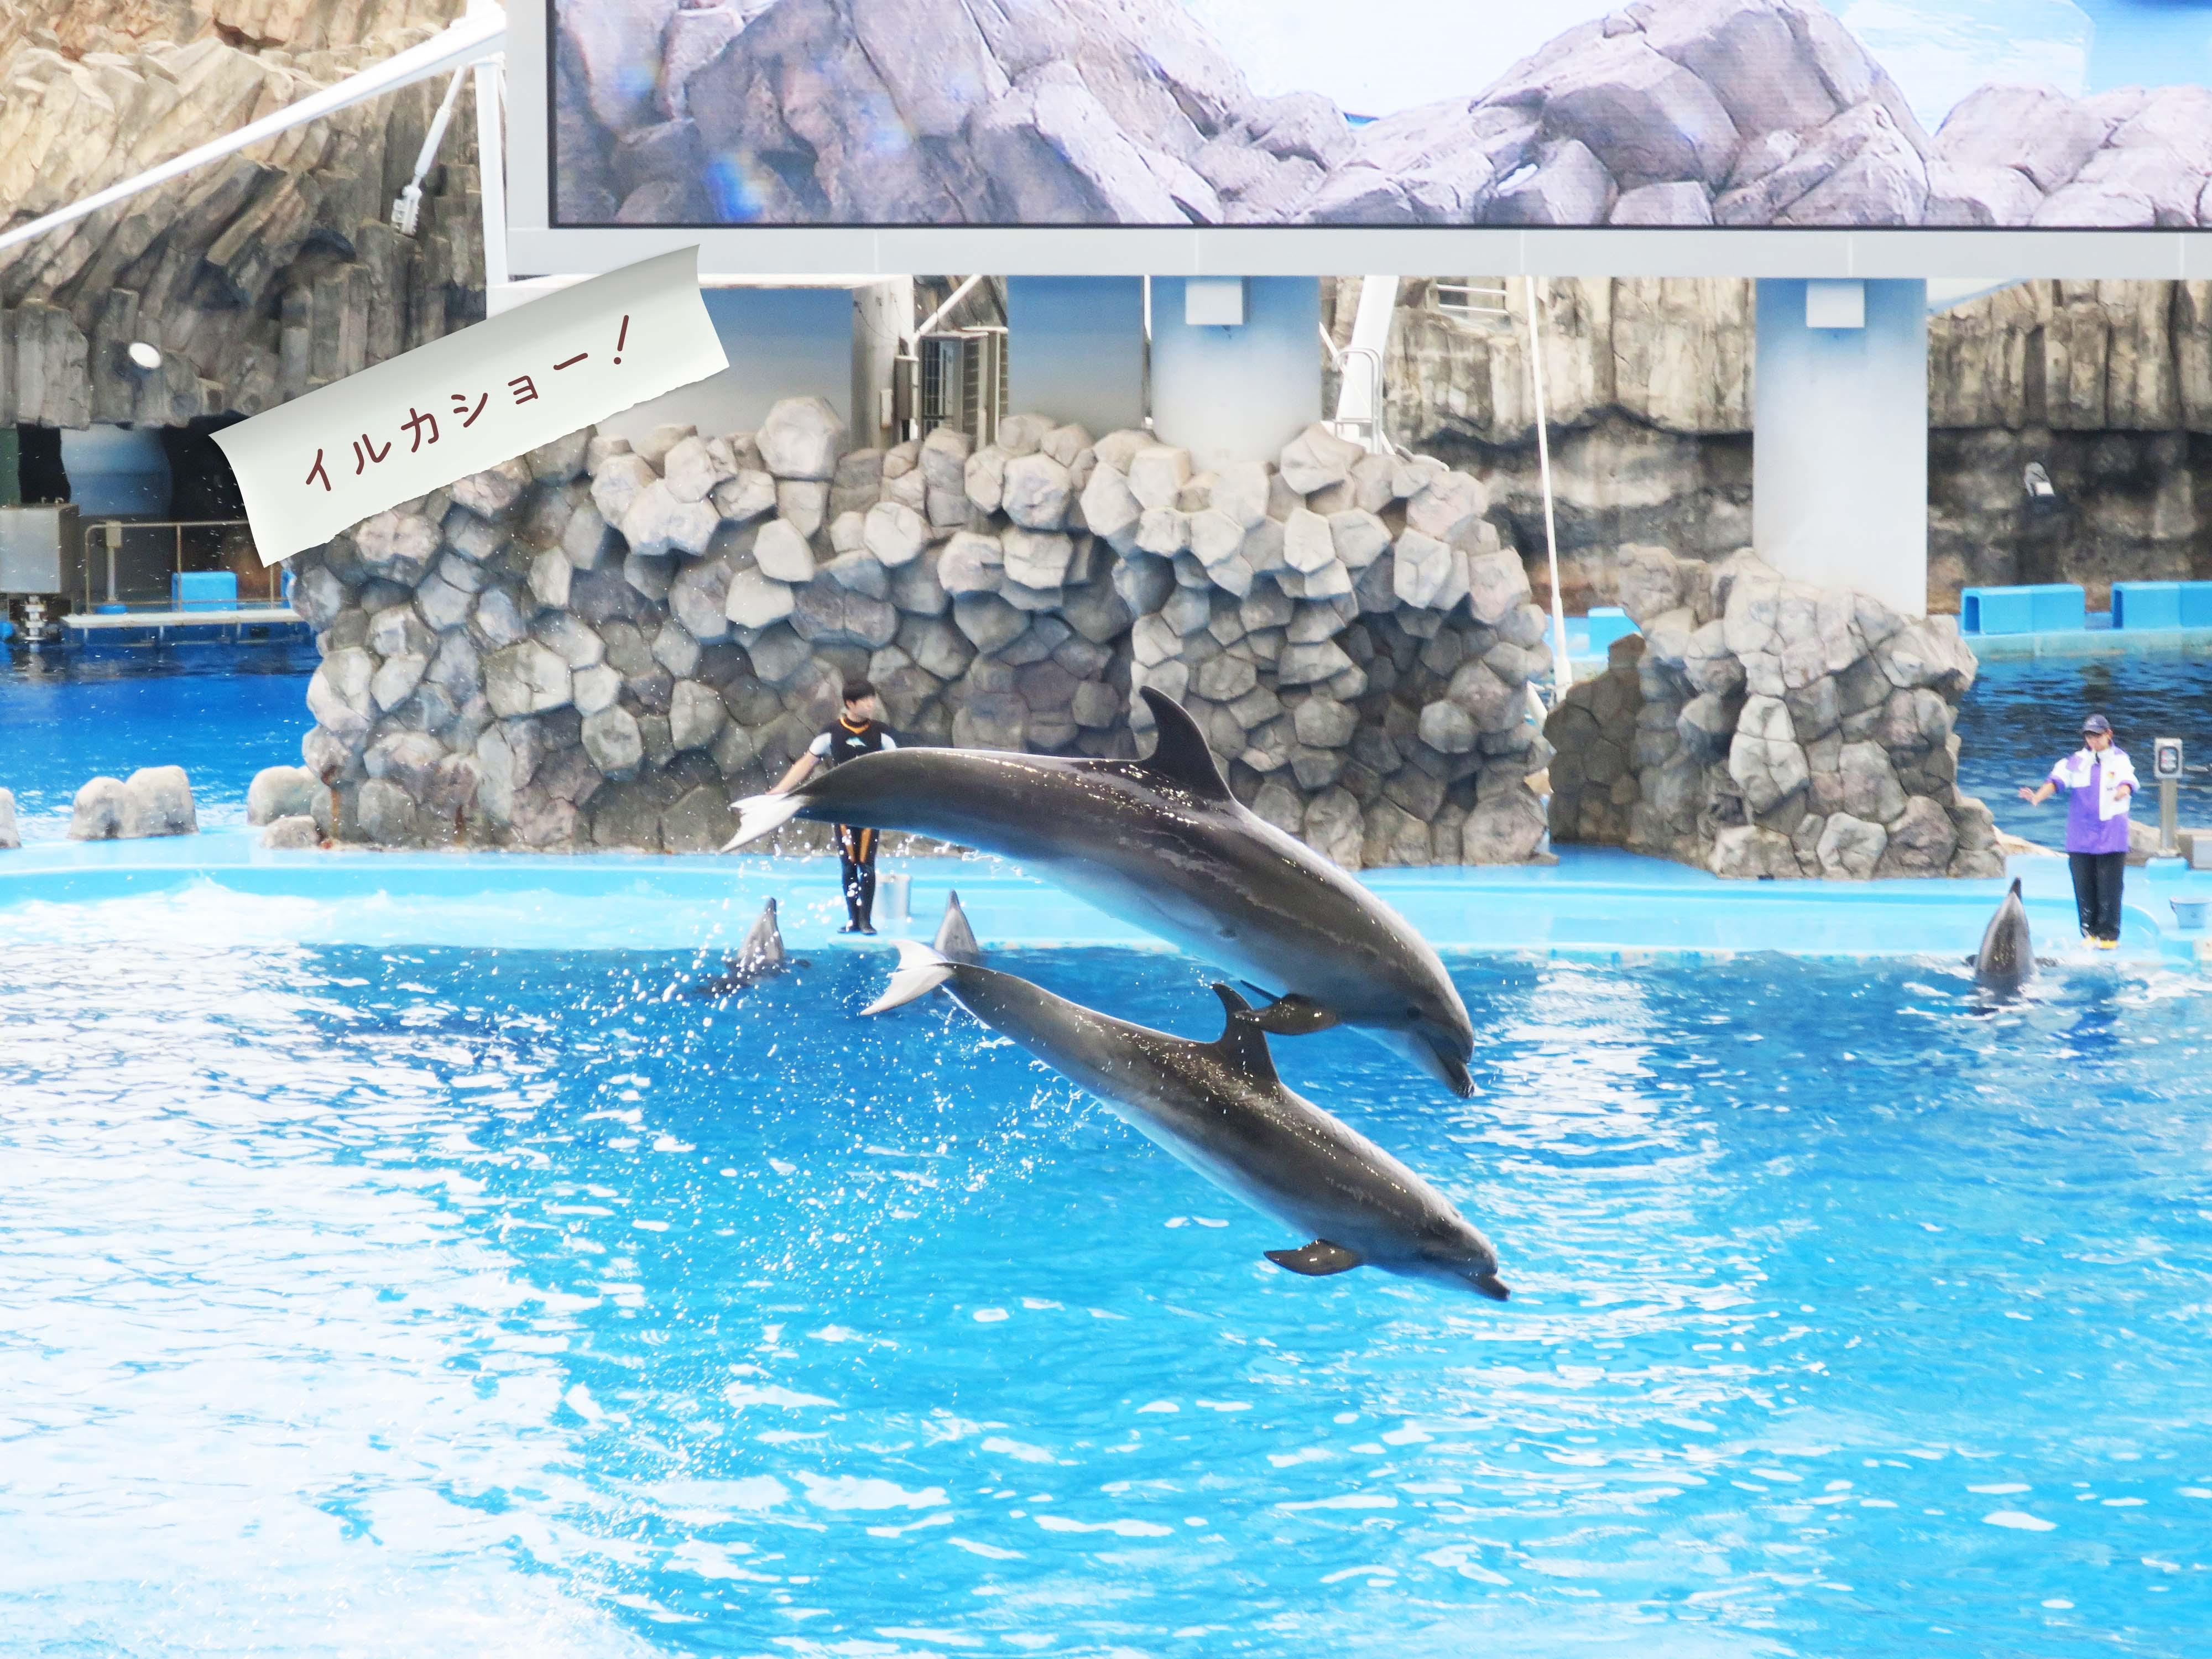 イルカショー:2頭のイルカのジャンプ